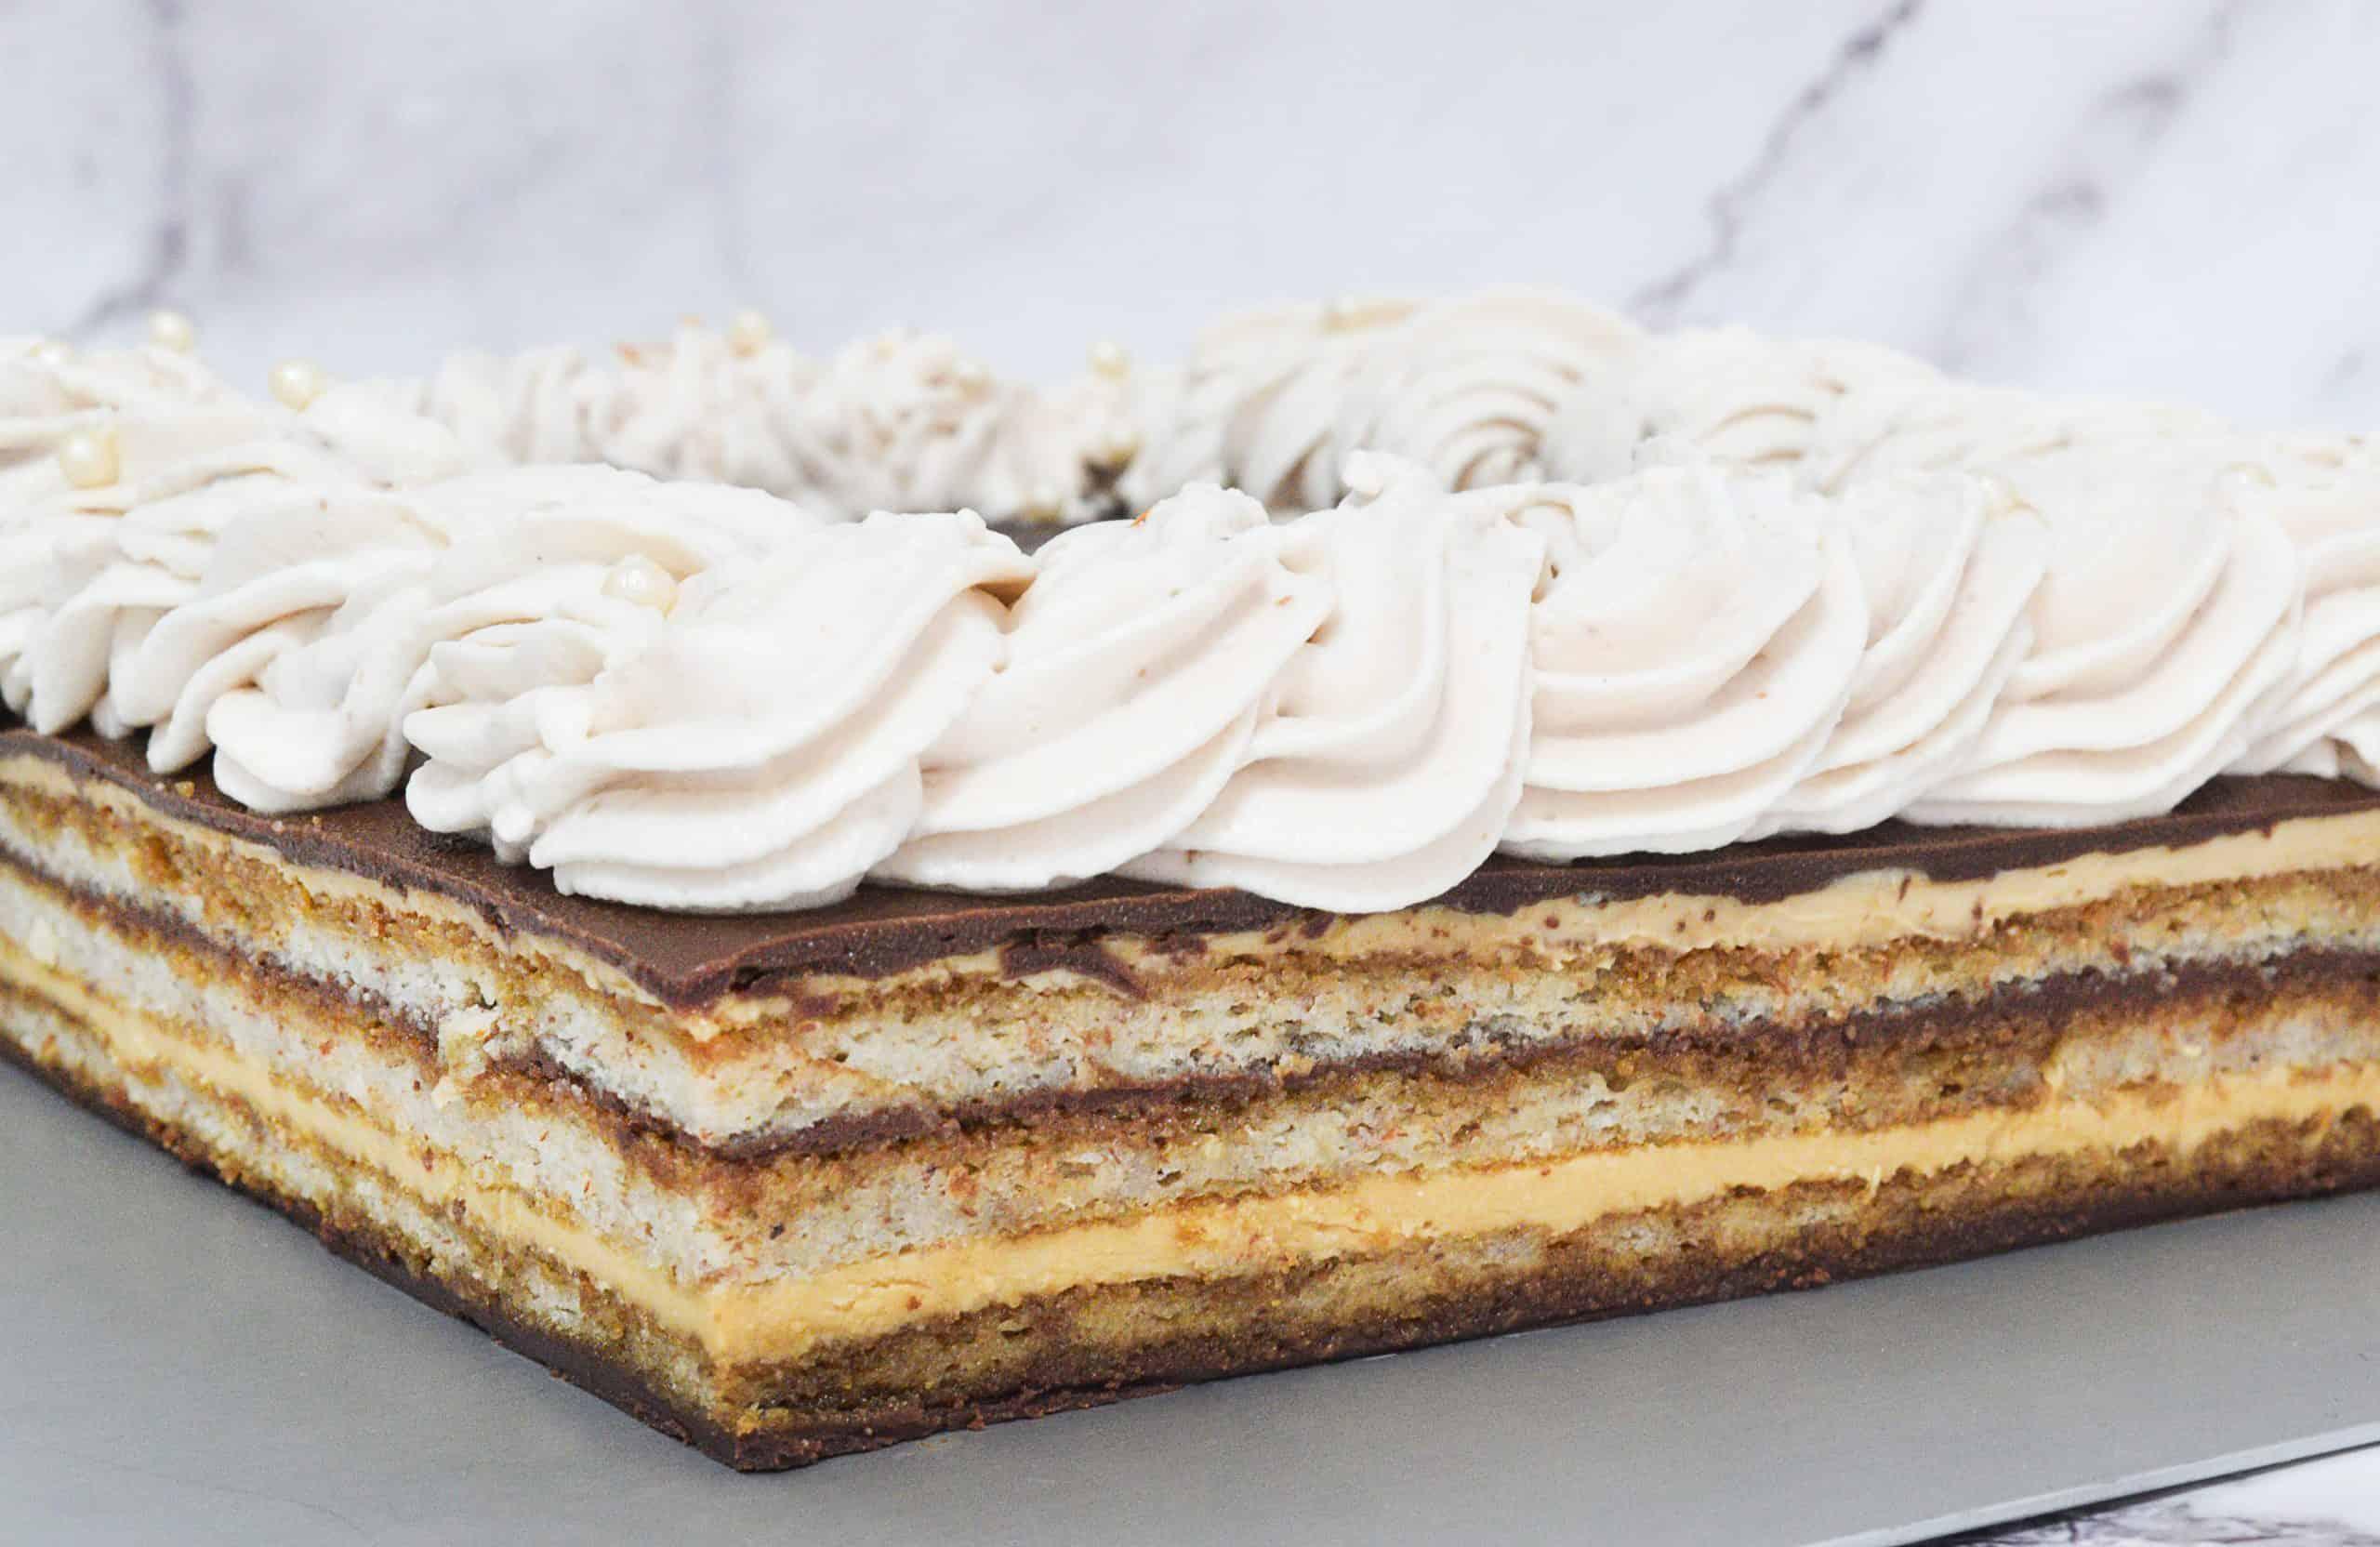 עוגת אופרה צרפתית   צילום: ספיר דהן